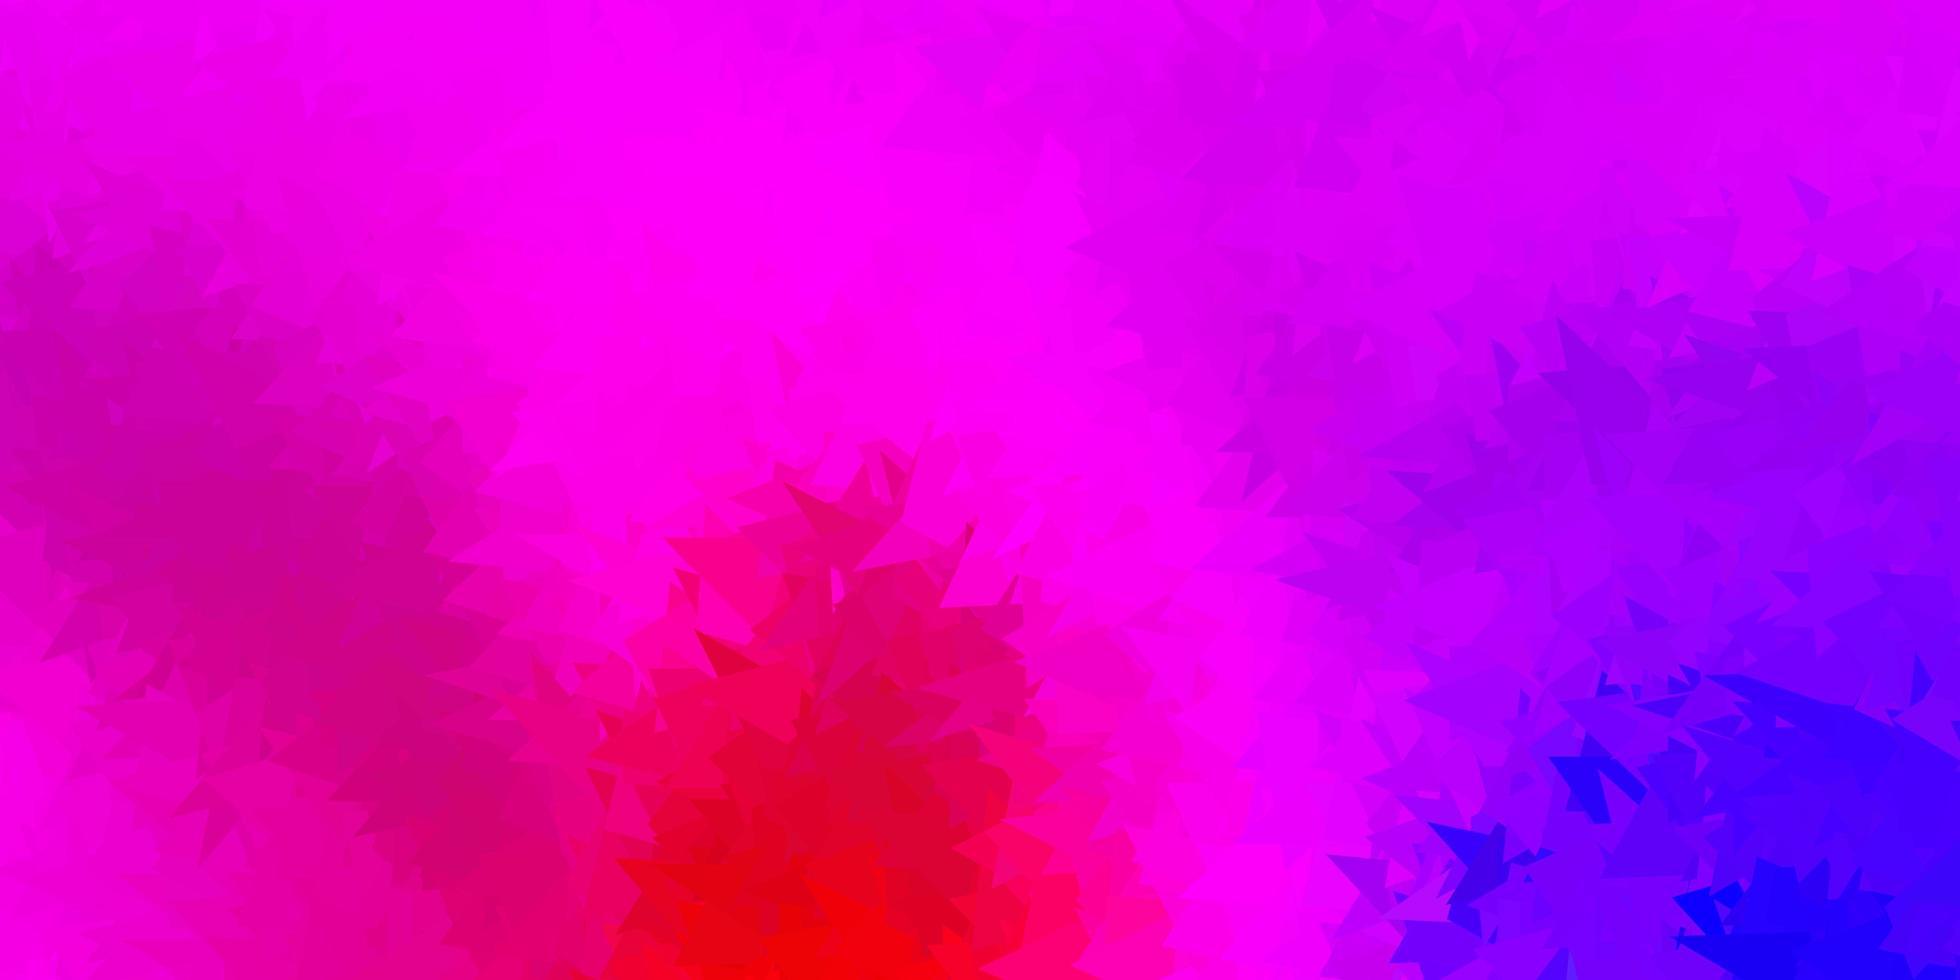 papel tapiz poligonal geométrico vector rosa oscuro, rojo.